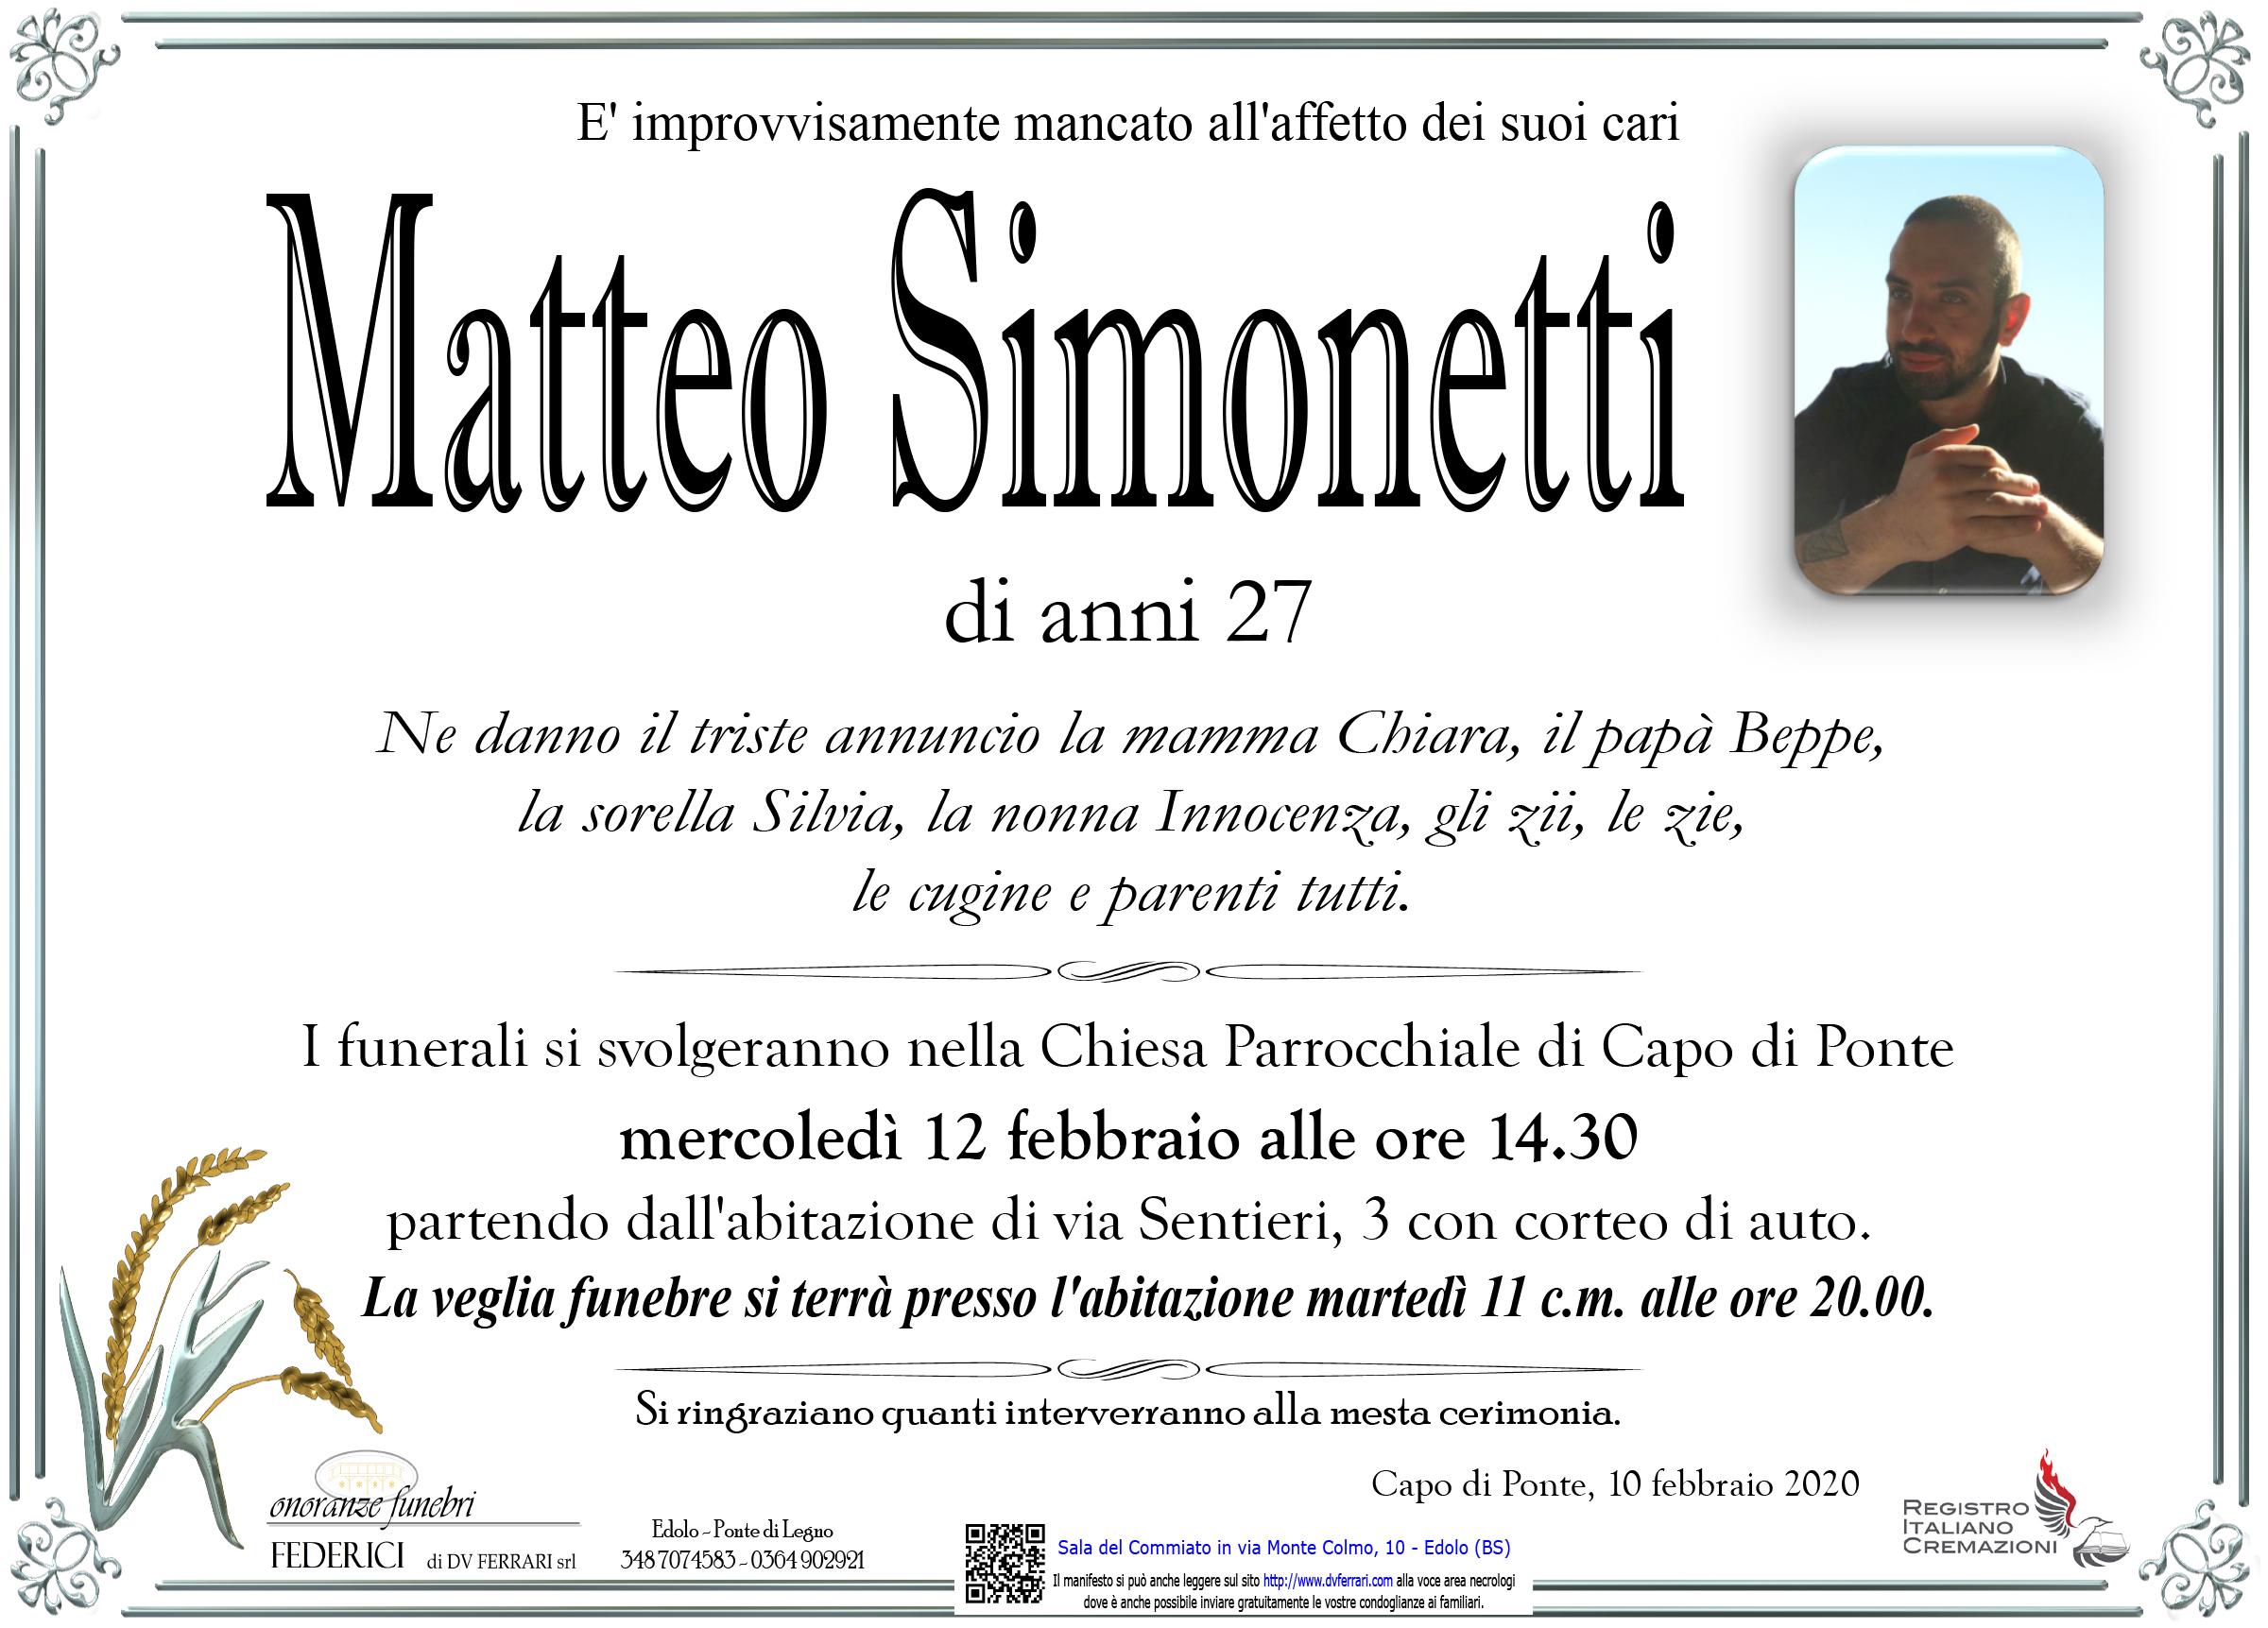 MATTEO SIMONETTI - CAPO DI PONTE